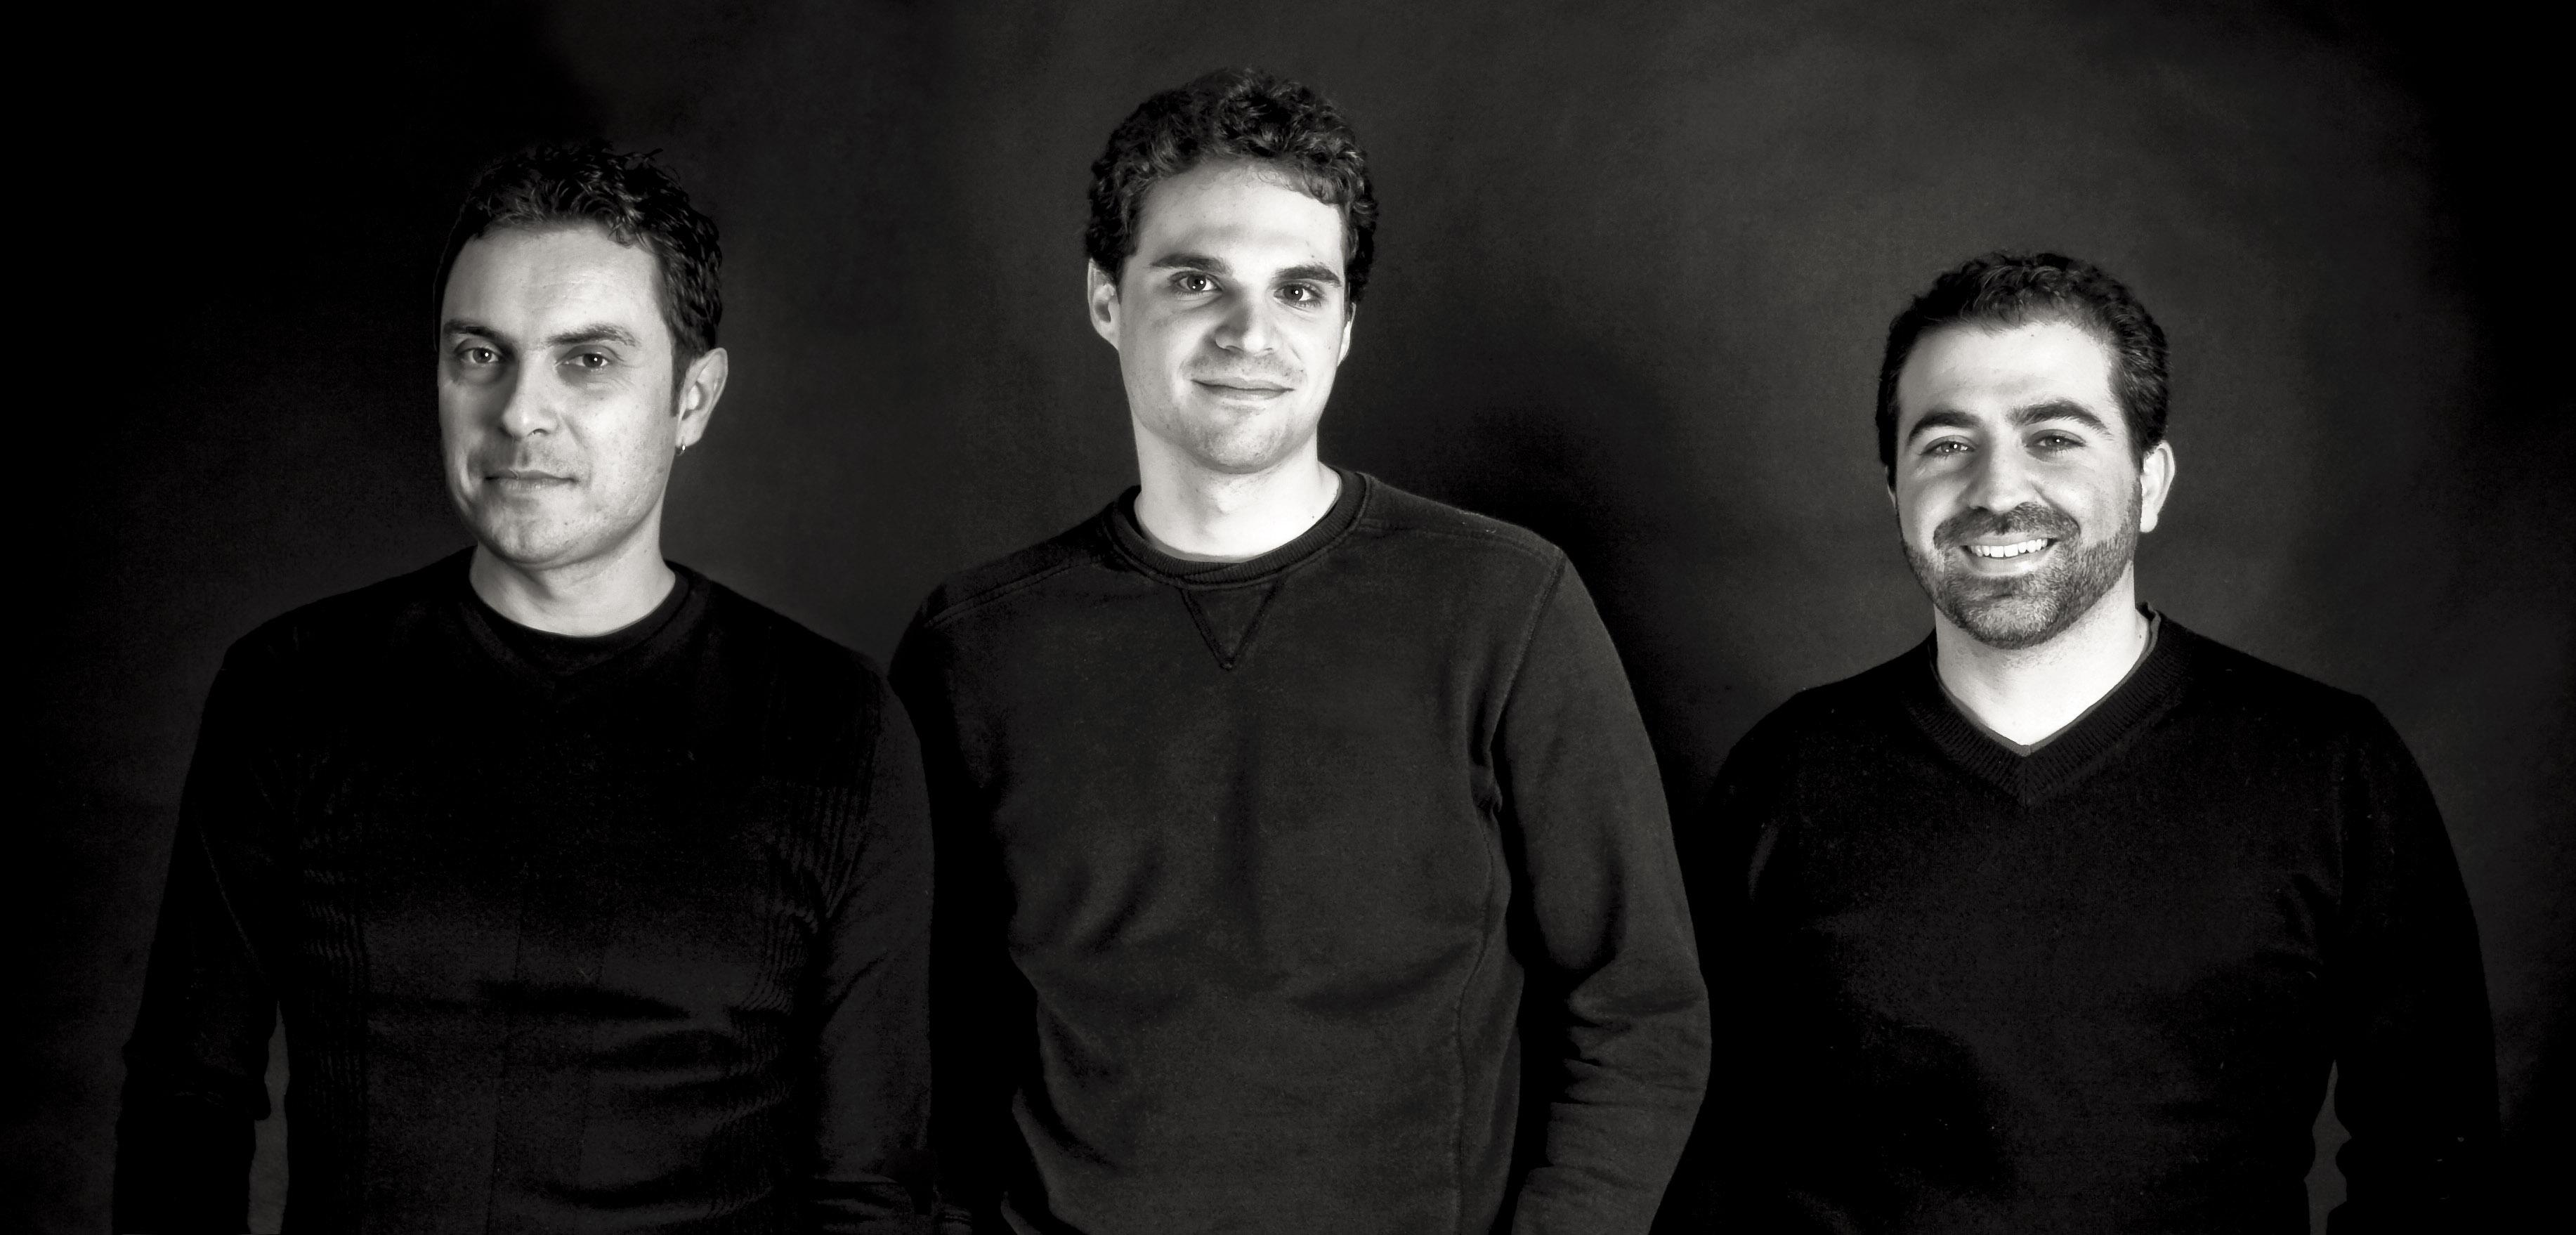 Urban Fabula Trio ospite giovedì 28 luglio a Piazza Jazz - A settembre il primo cd